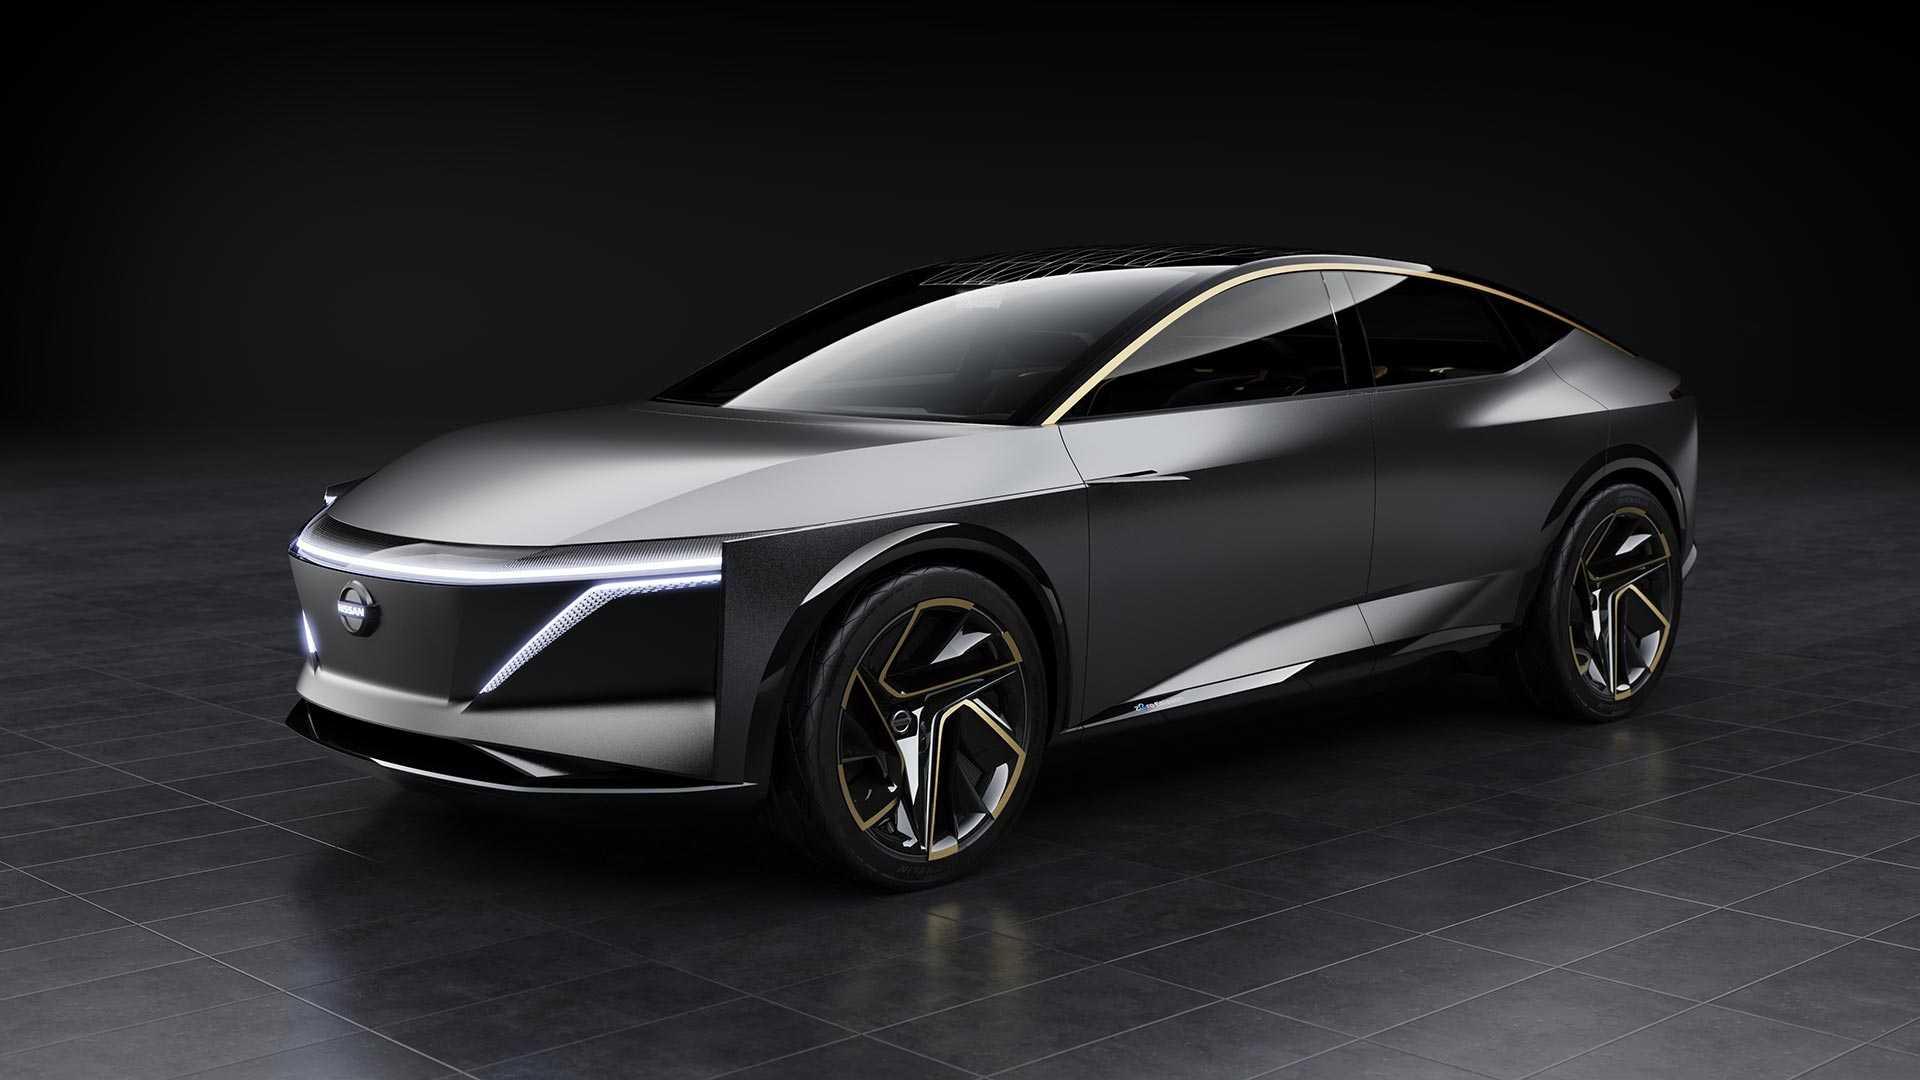 К середине 2021 года японская компания «Ниссан» собирается обновить около 70% модельного ряда для США. При этом модернизацию ключевых автомобилей марки будут осуществлять чаще – раз в три года.